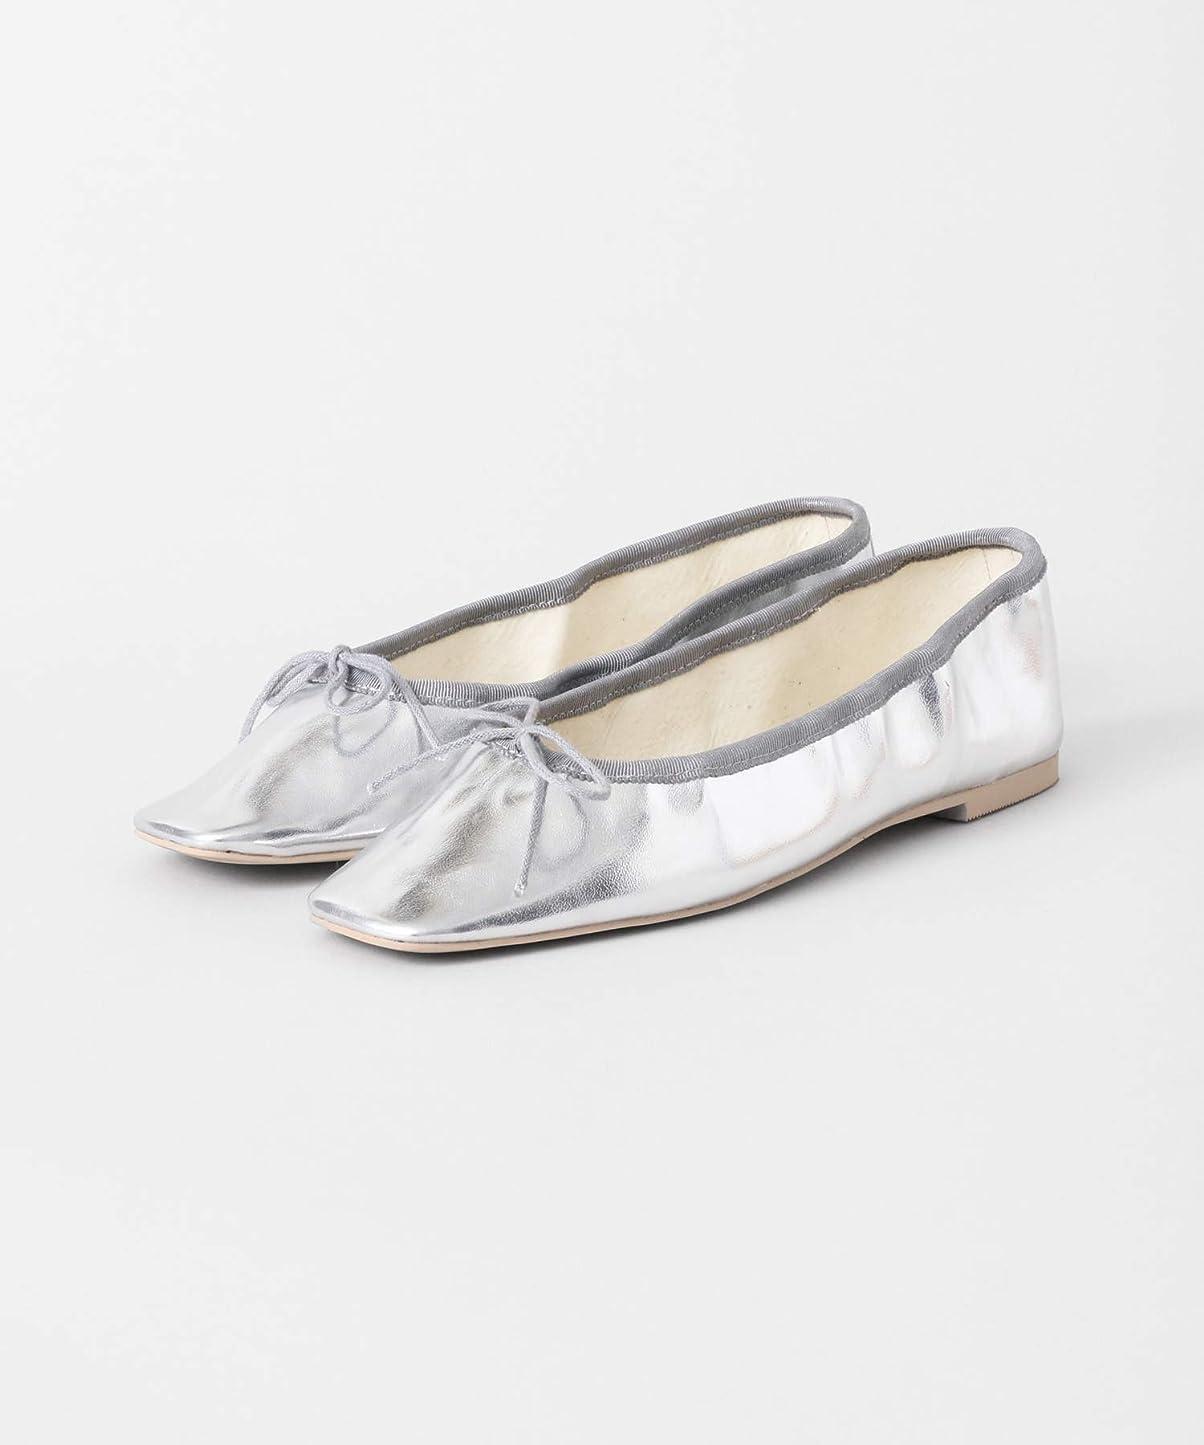 空虚行動バラエティ[アーバンリサーチ] 靴 バレエシューズ スクエアトゥバレエシューズ レディース